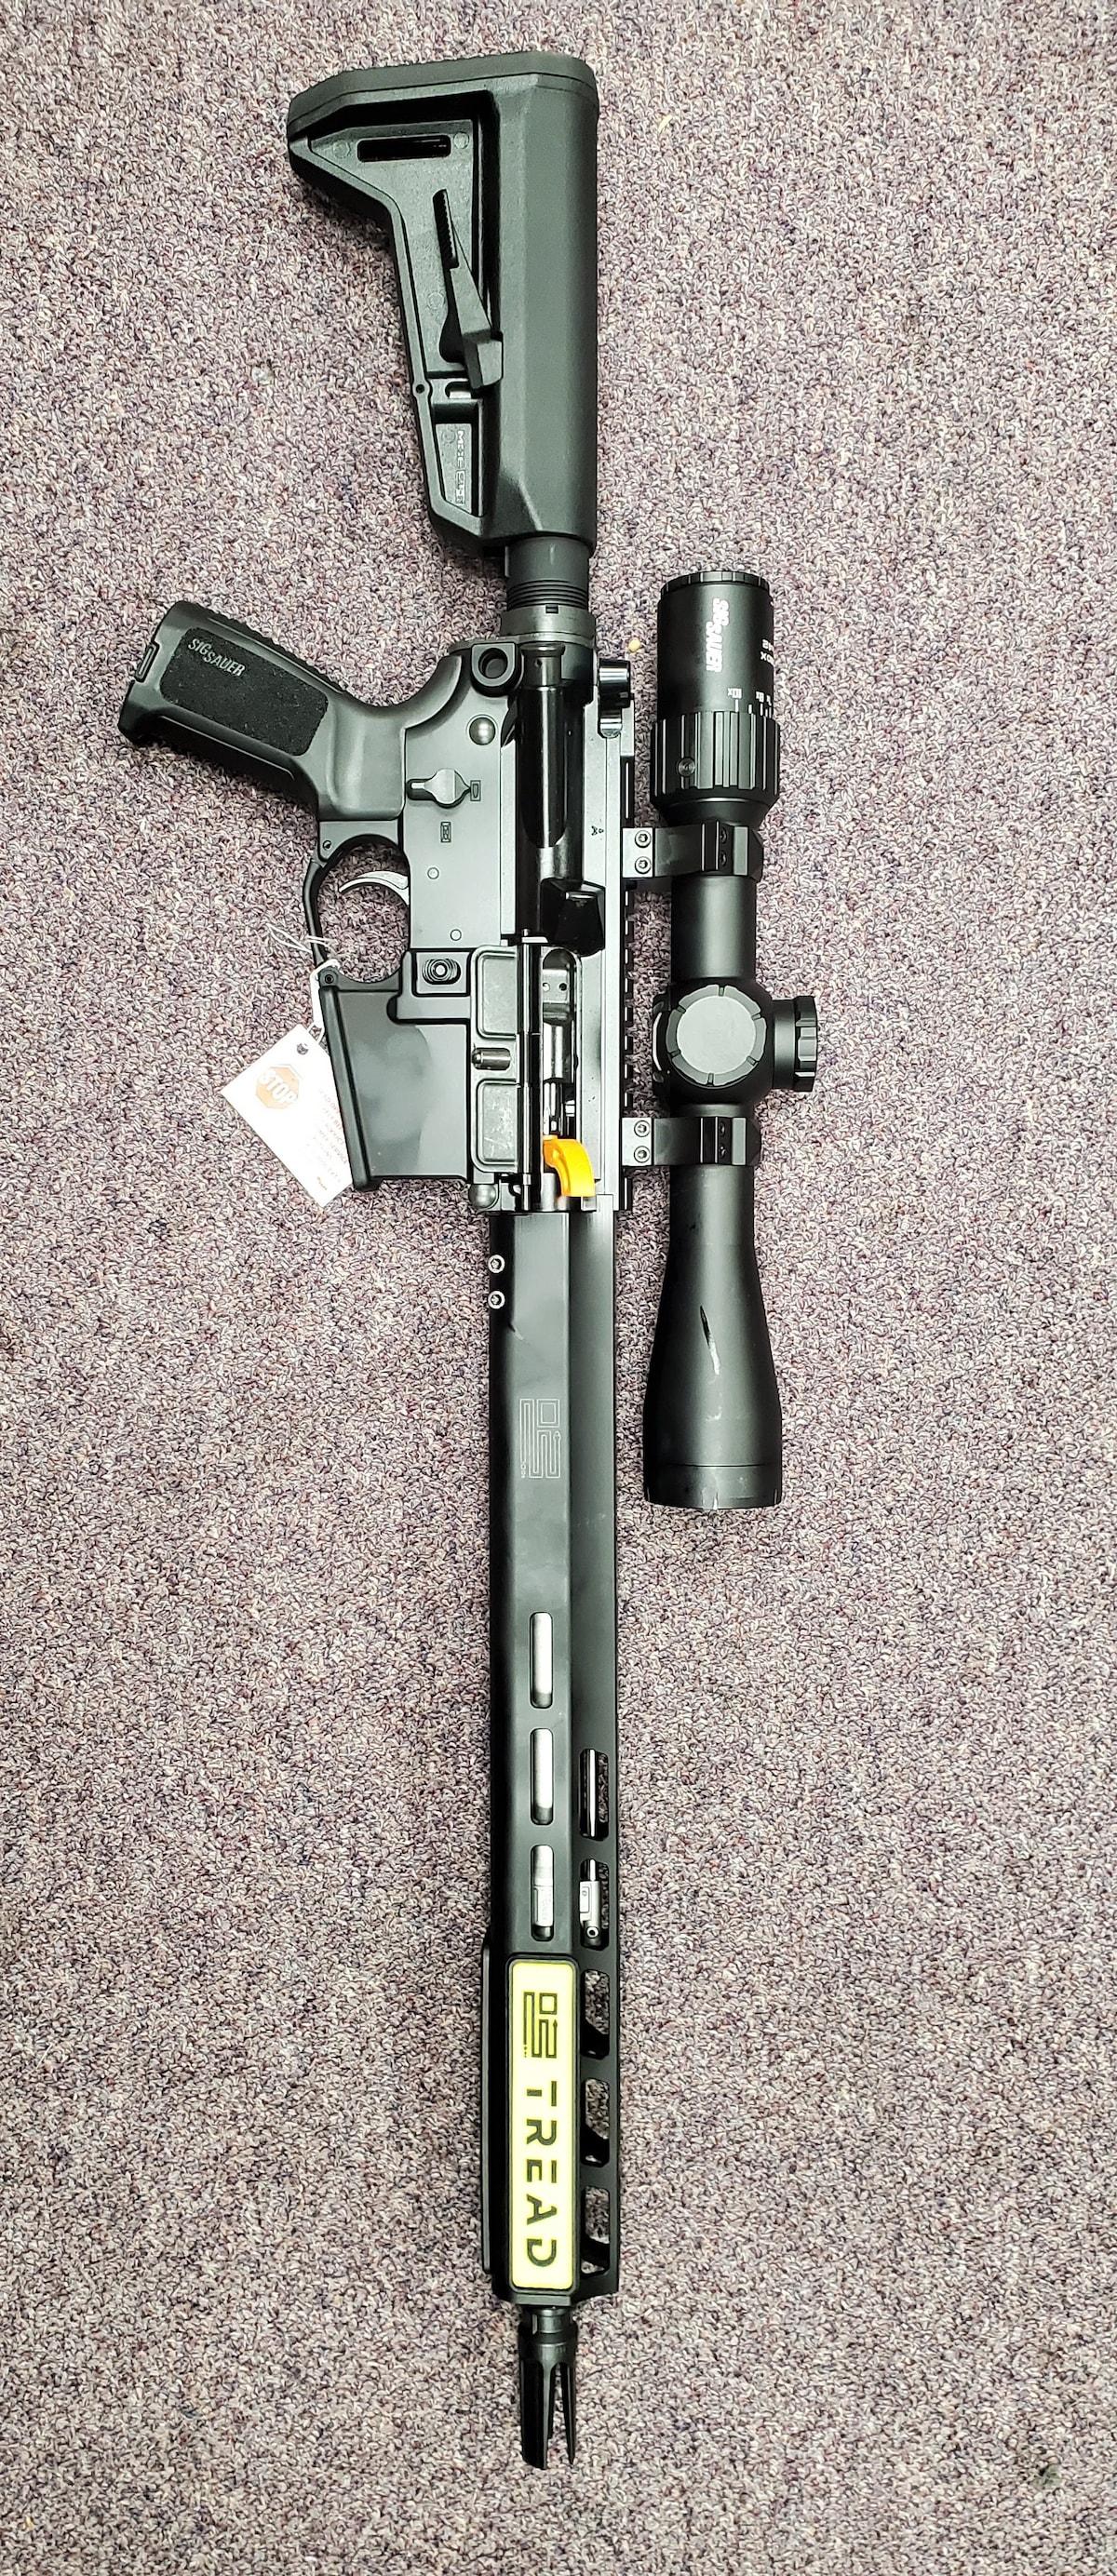 SIG SAUER AR M4 M16 AR15 Sig Sauer M400 With Sig Sauer Scope